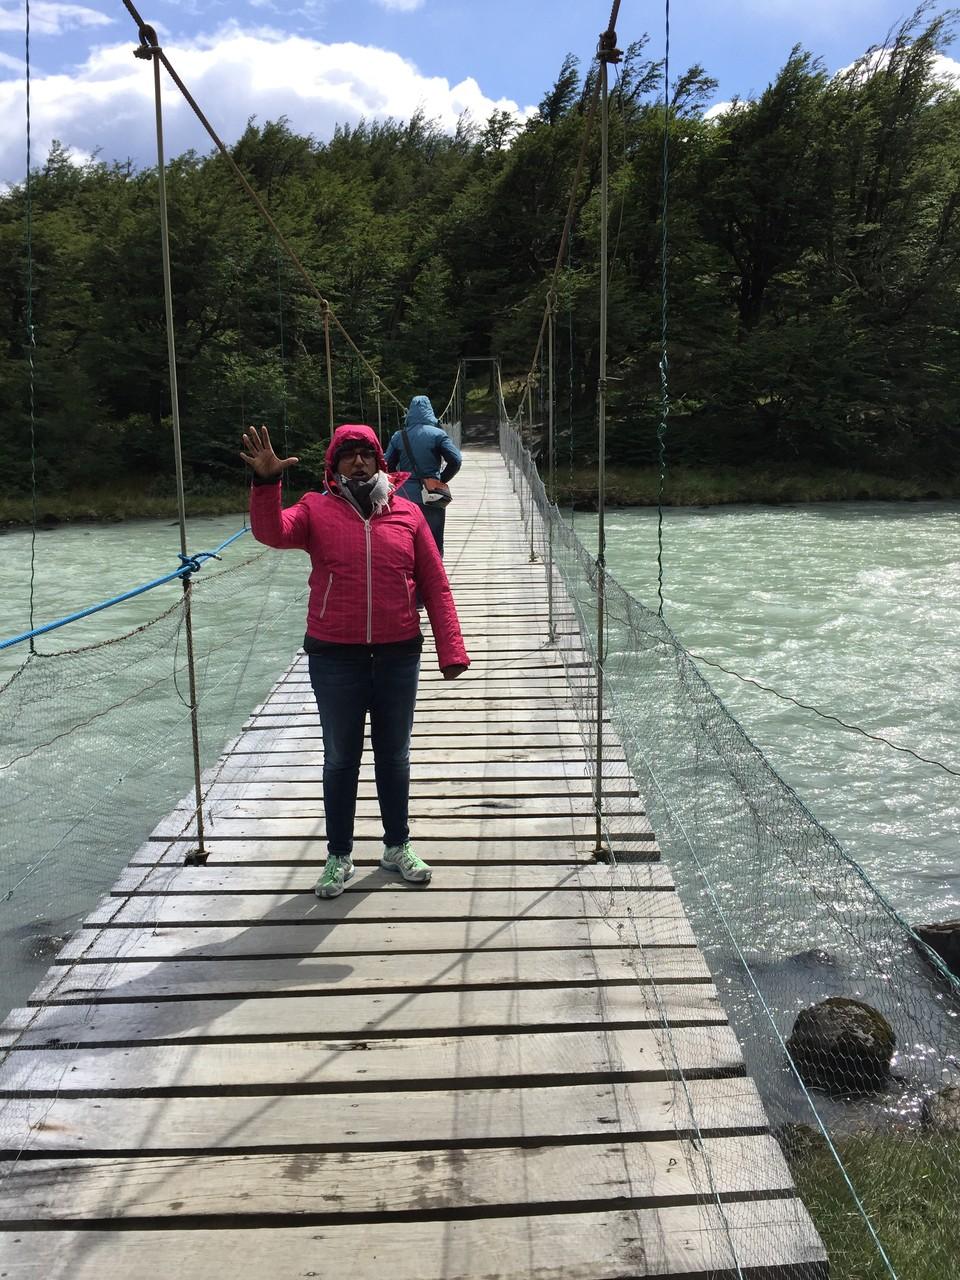 Auf dem Weg zum Schiff über die Hängebrücke.....